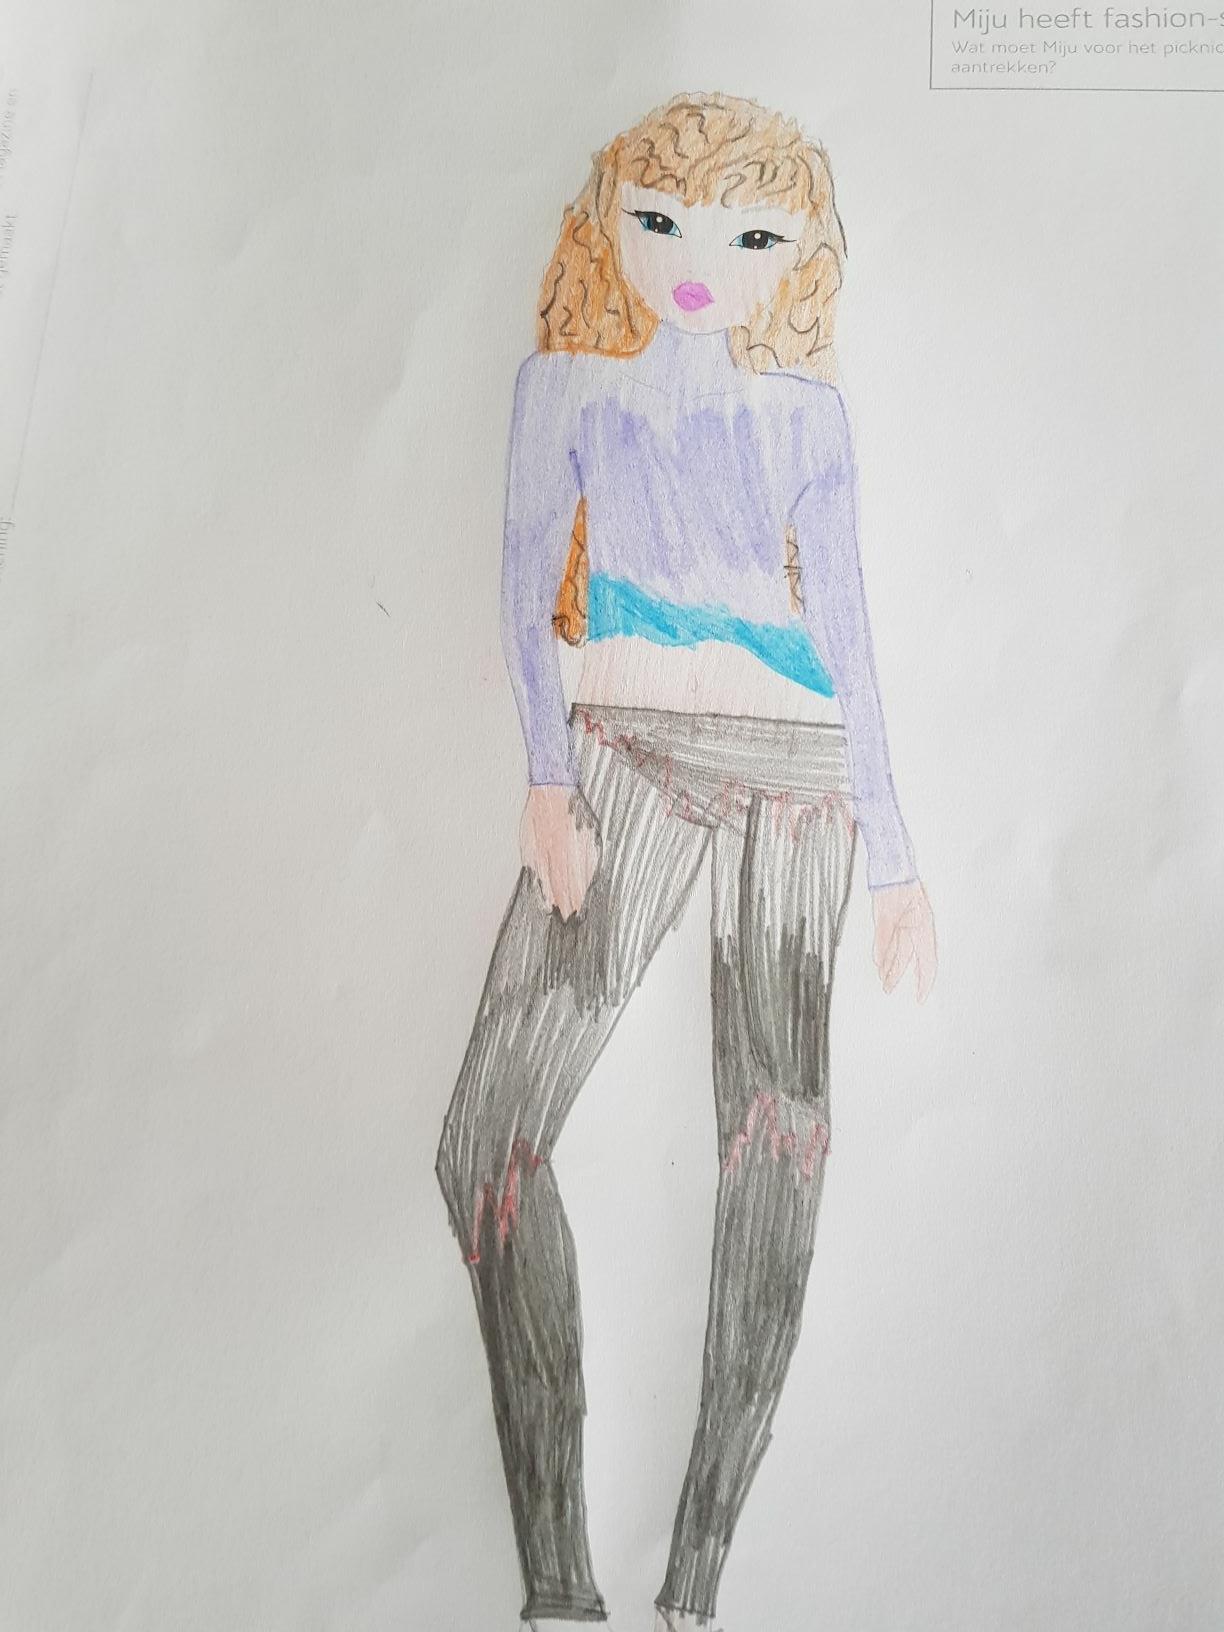 Celine R., 7 Jahre, aus Middenbeemster